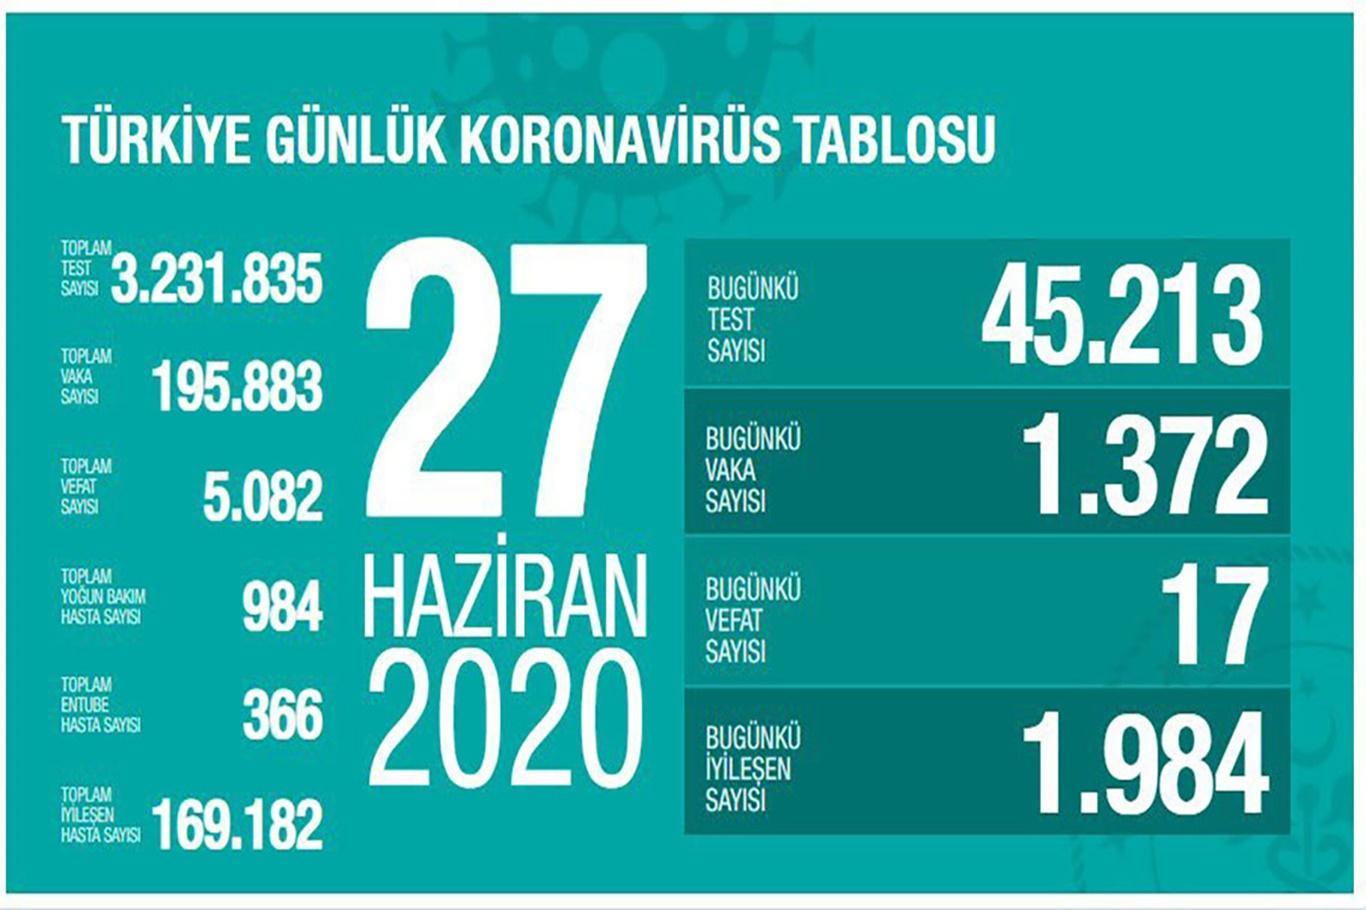 """Sağlık Bakanı Fahrettin Koca: """"Tanı konanların yüzde 63'ü 25-45 yaş grubundan"""""""